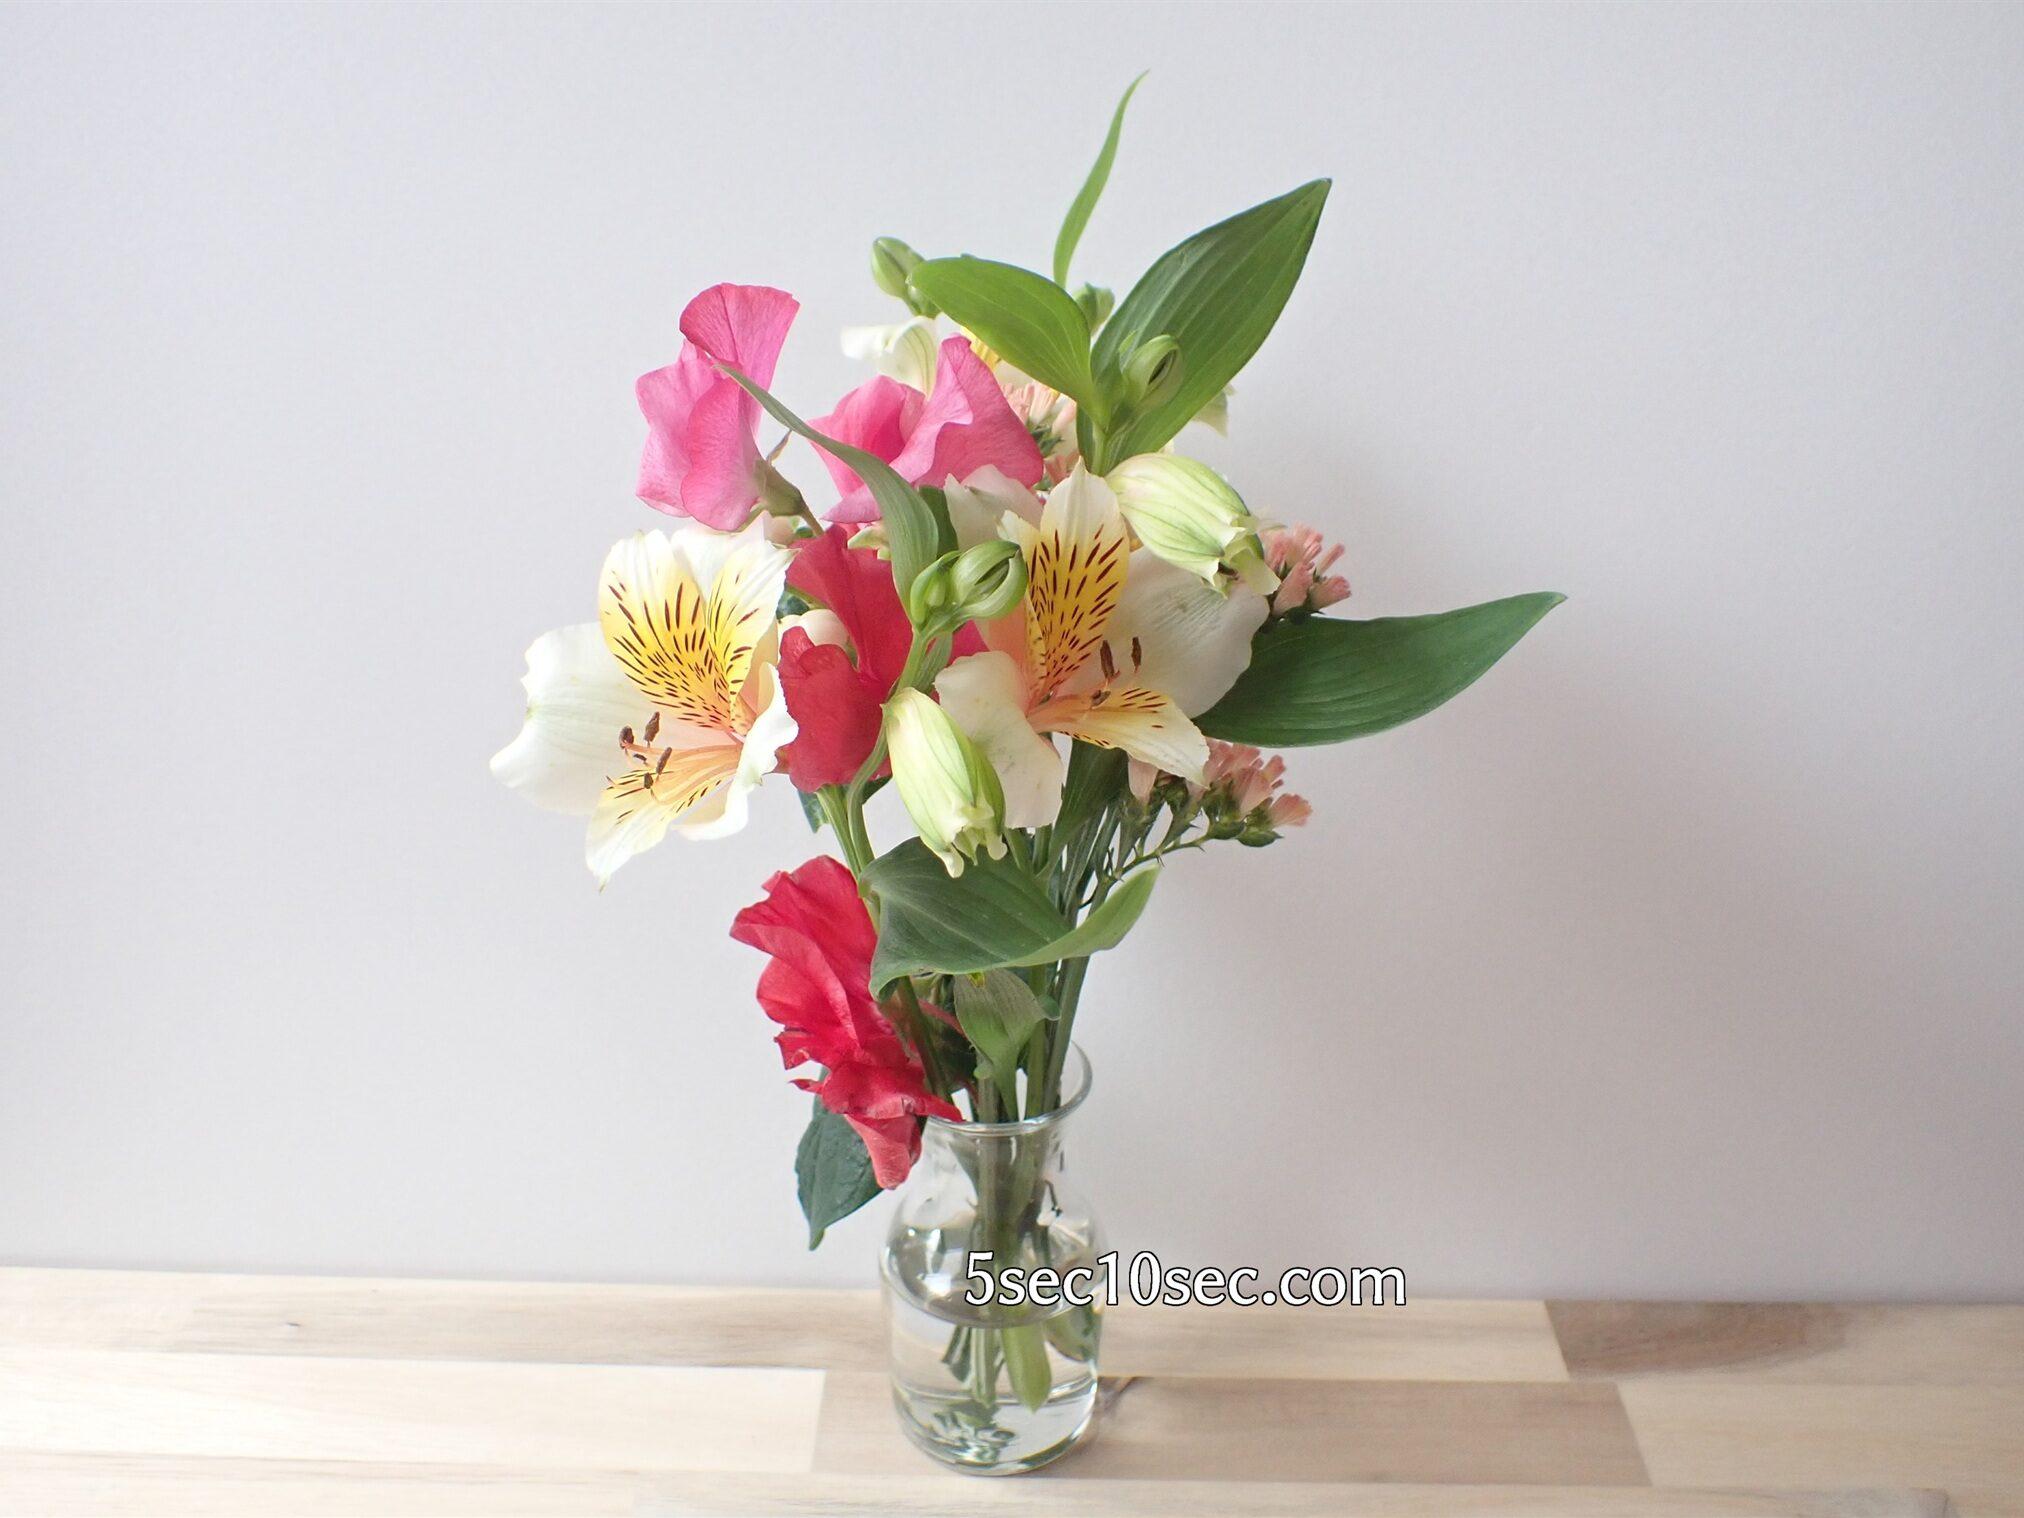 株式会社Crunch Style Bloomee LIFE(ブルーミーライフ)レギュラープラン 二週間ほど経過してもお花は綺麗な状態です